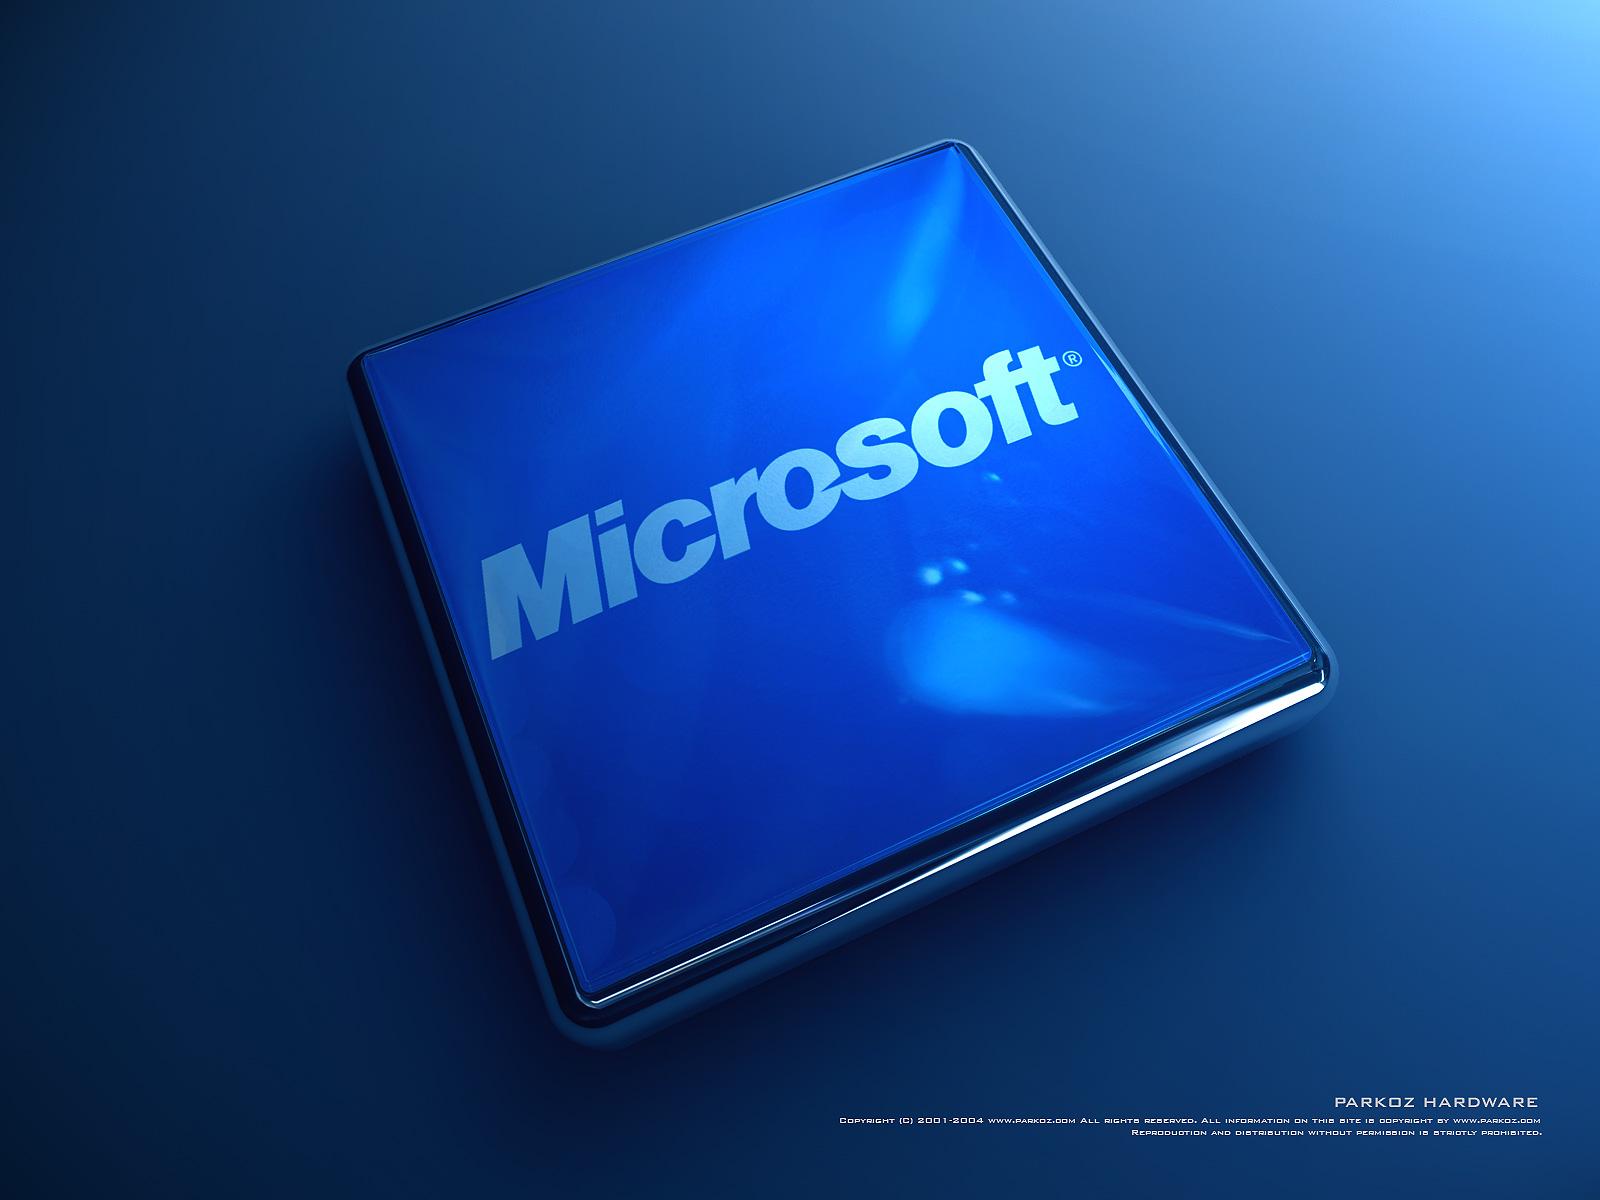 http://3.bp.blogspot.com/-FkmWsVSwQOM/Thh2L3zCDCI/AAAAAAAABHY/pc8xZX_iZ_c/s1600/Microsoft.jpg